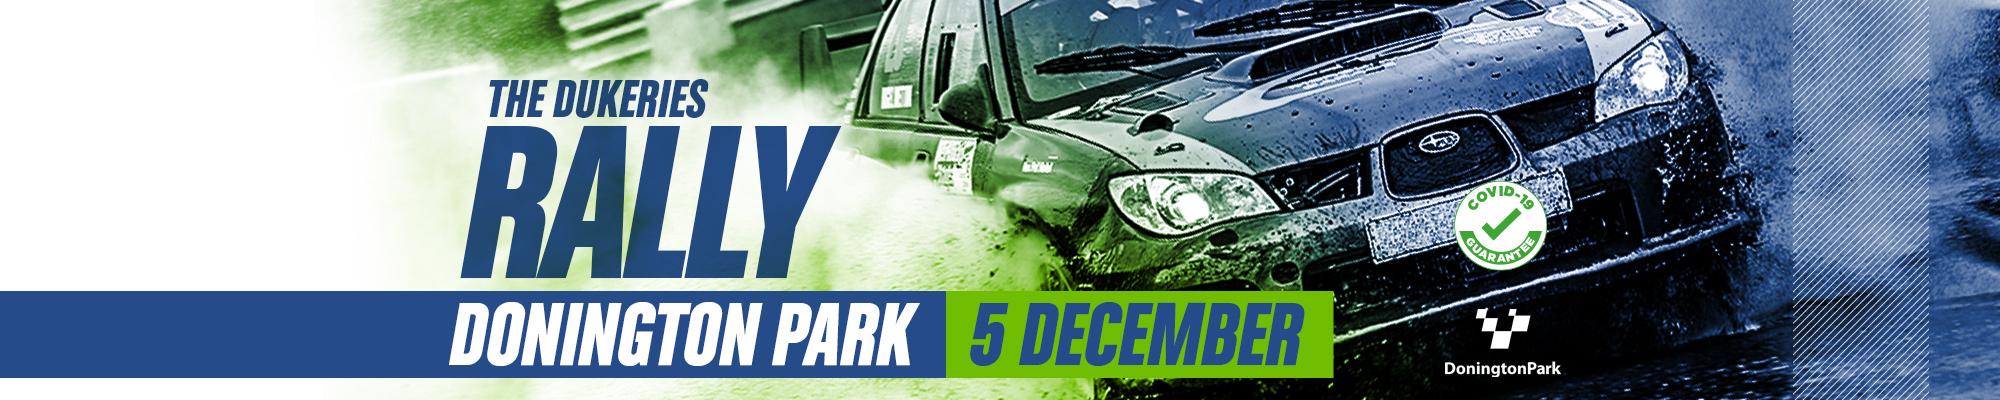 The Dukeries Rally – Donington Park